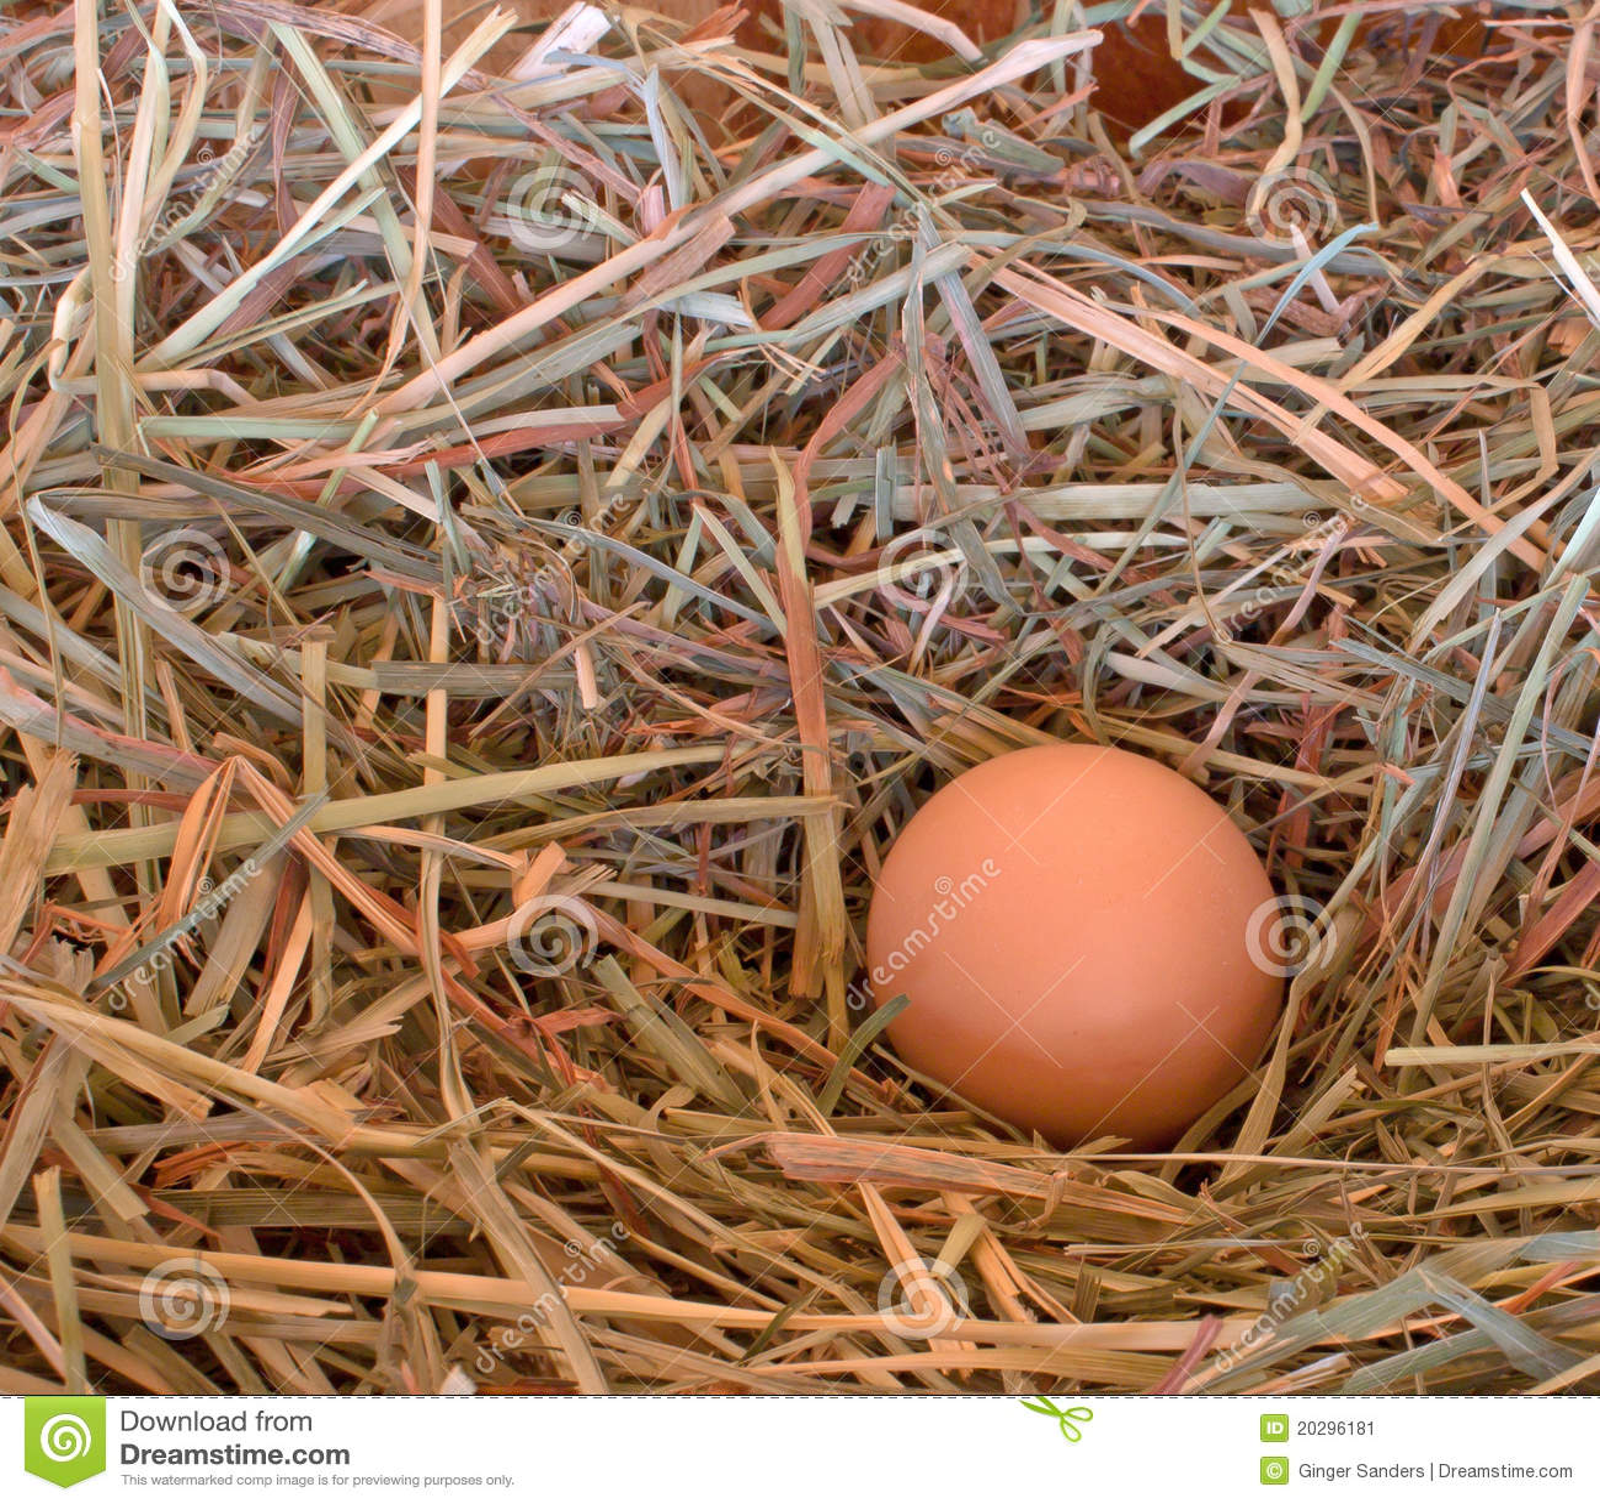 Single Brown Egg in Hay